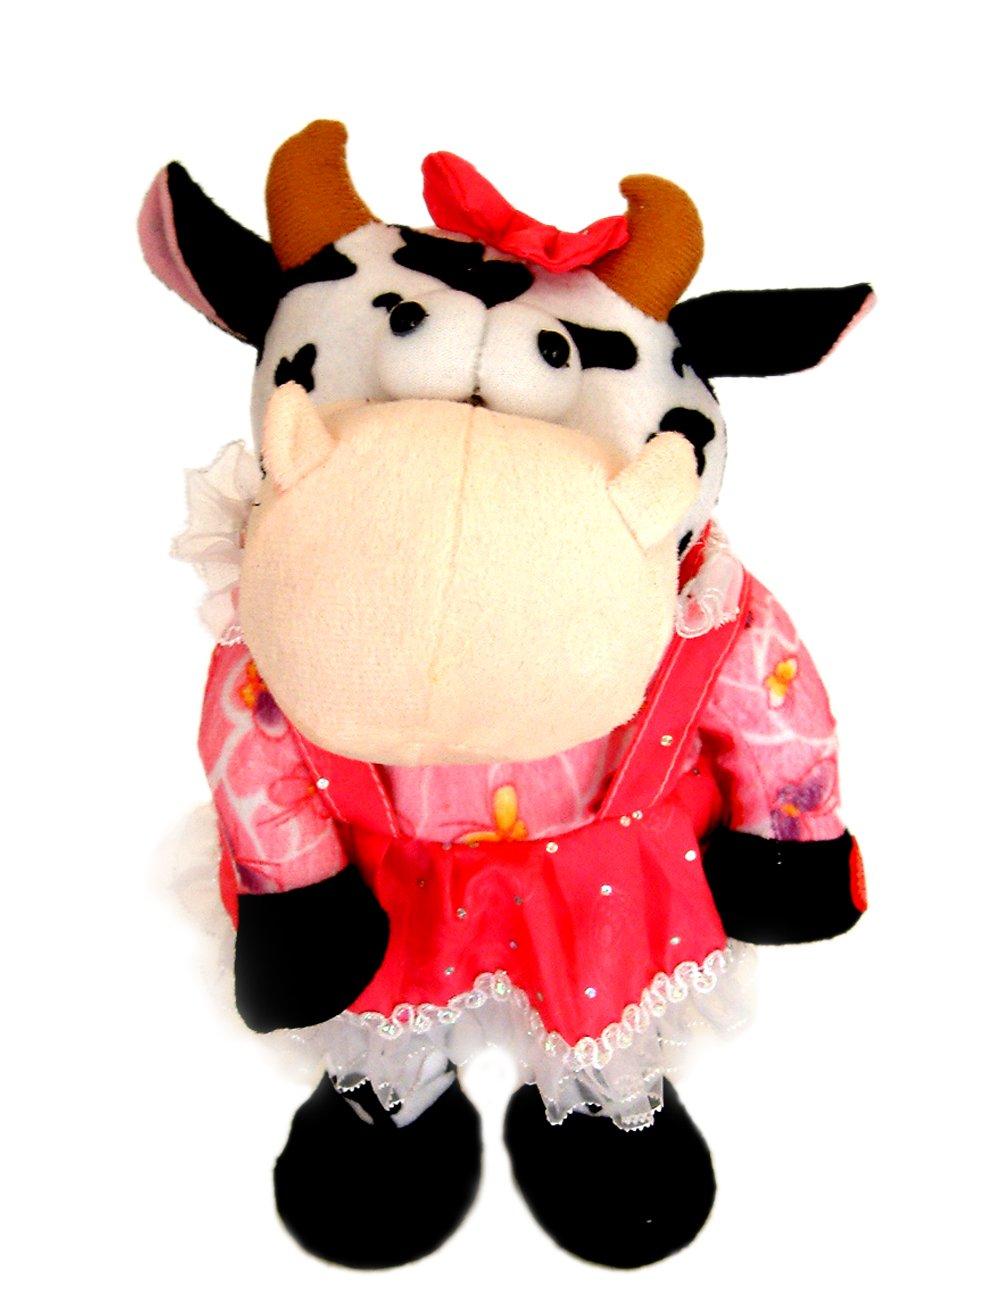 可爱的跳舞牛(新版)-玩具-亚马逊中国